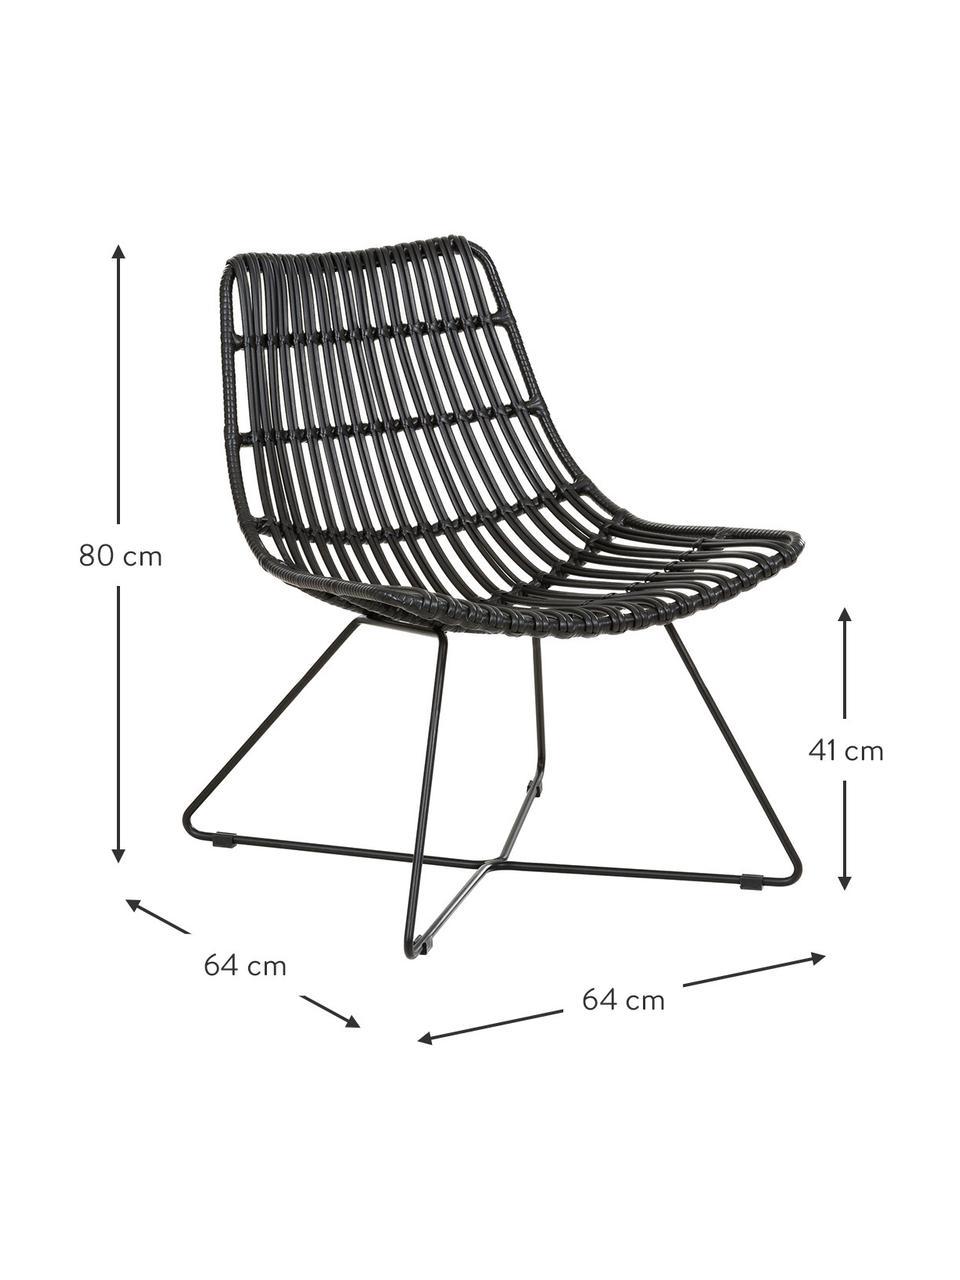 Boho fauteuil Costa in zwart, Zitvlak: polyethyleen-vlechtwerk, Frame: gepoedercoat metaal, Zwart, B 64 x D 64 cm